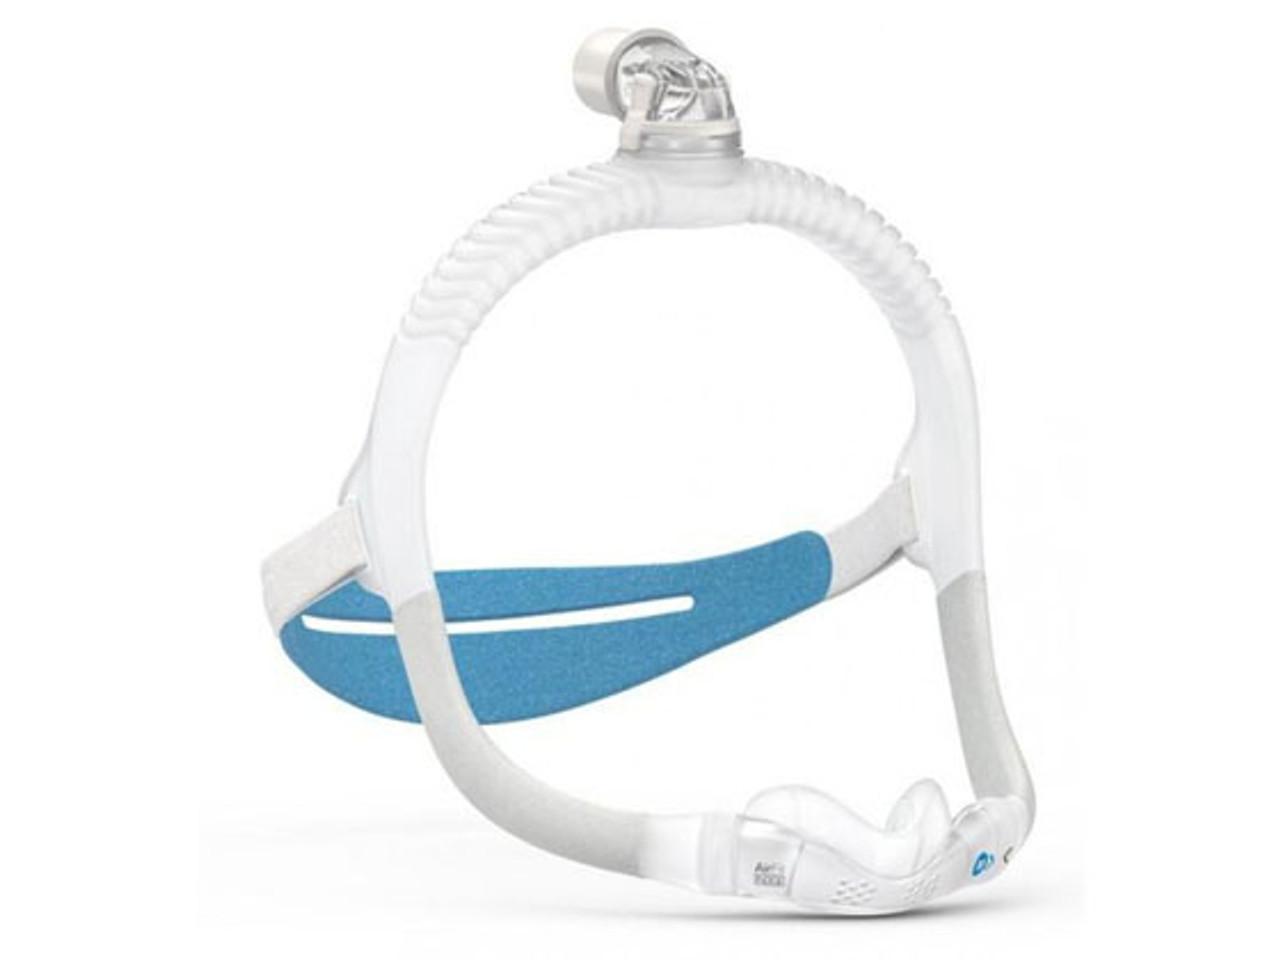 Buy ResMed AirFit N30i CPAP Masks Online in Australia